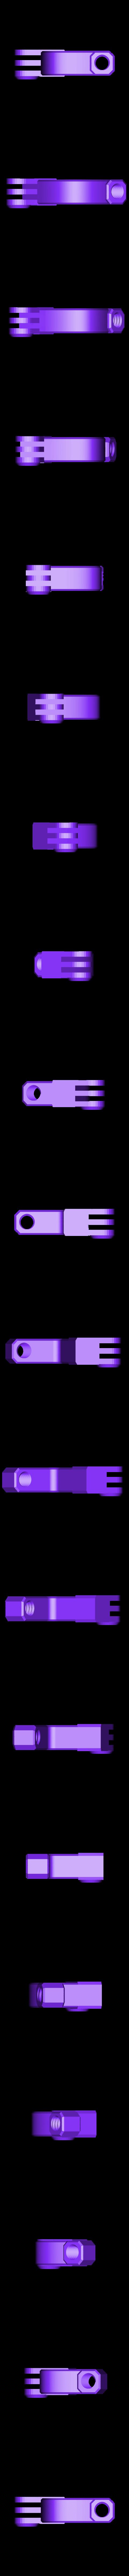 HeadPhonestand_Clamp_Black.STL Télécharger fichier STL gratuit Support d'écouteurs multicolore • Objet pour imprimante 3D, MosaicManufacturing